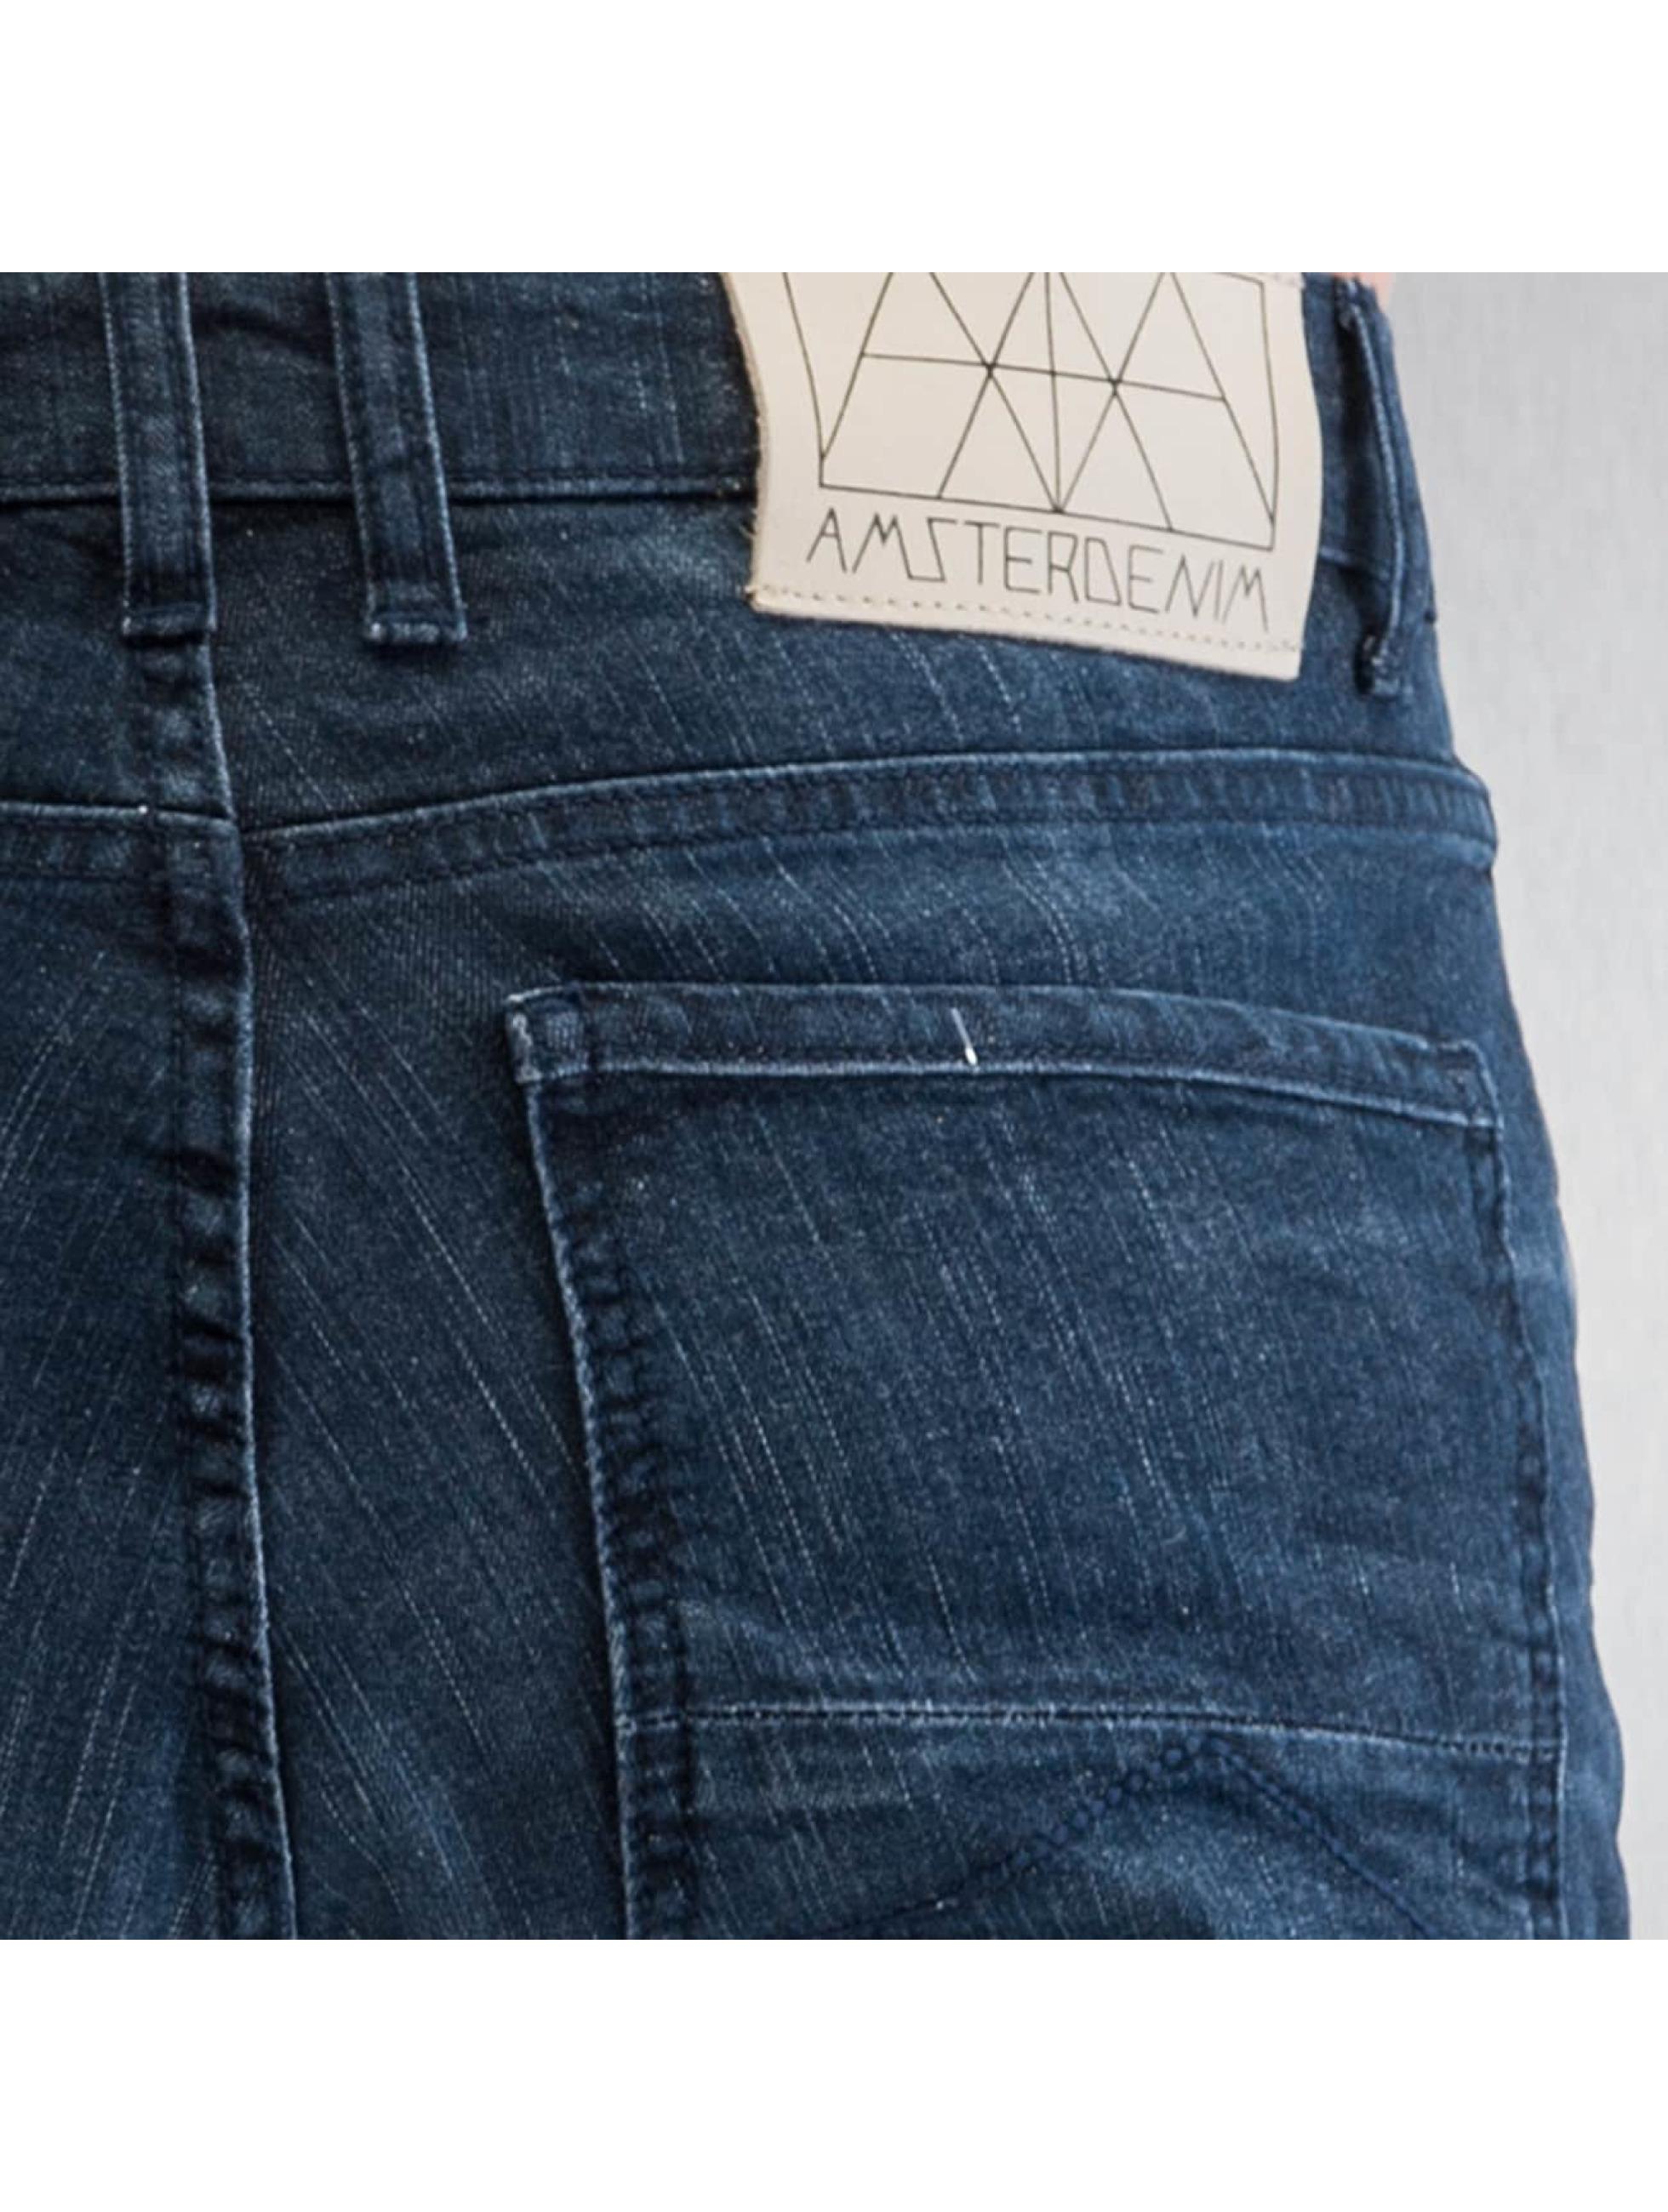 Amsterdenim Облегающие джинсы Wash синий